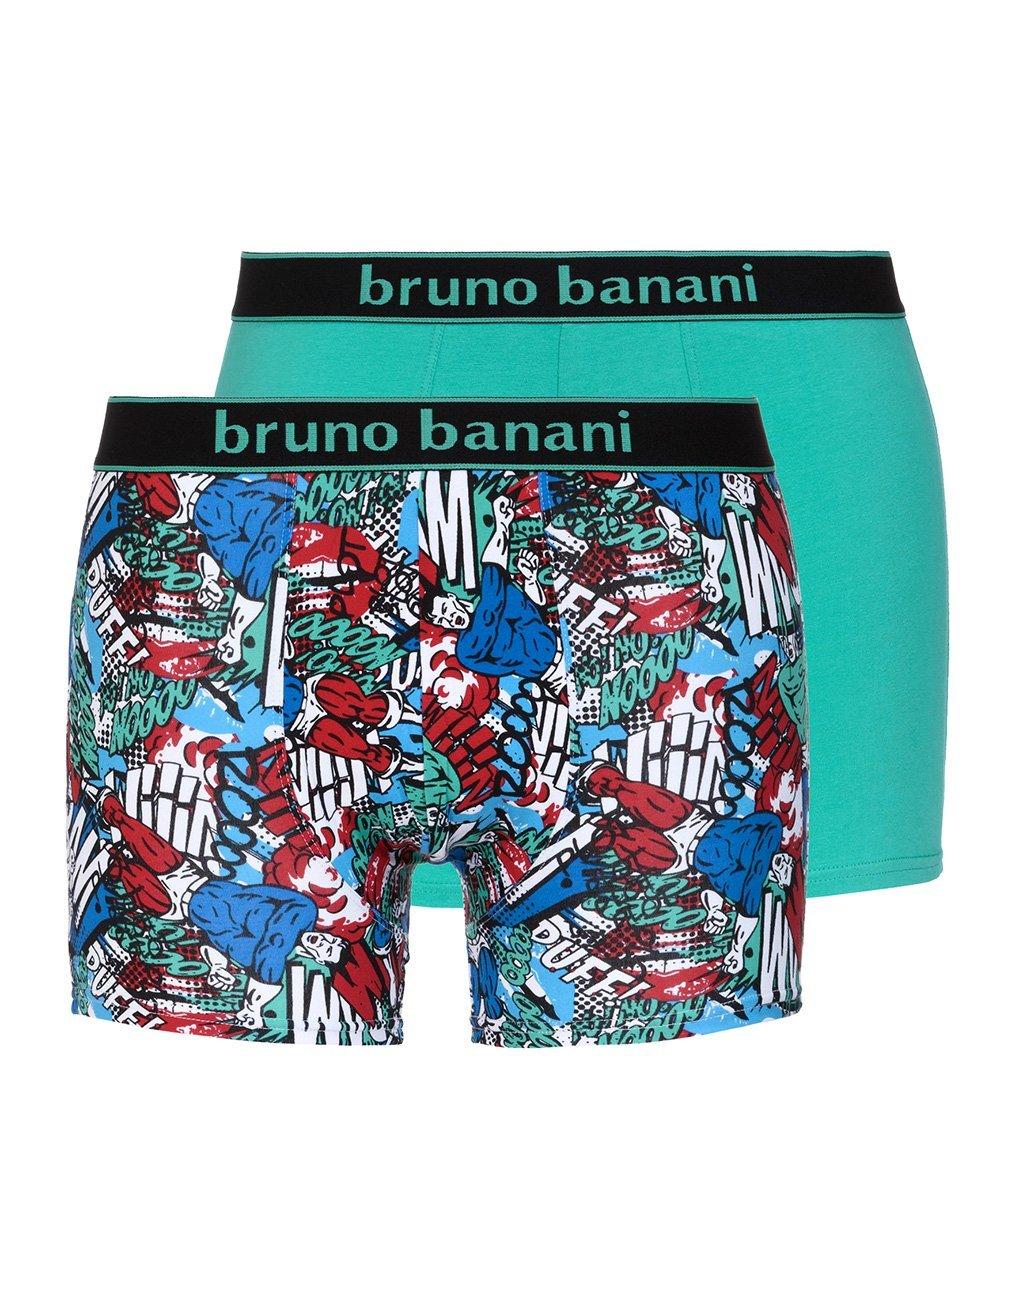 Трусы мужские боксеры комплект (2 шт) 2201-1721 Comic бирюзовый Bruno banani